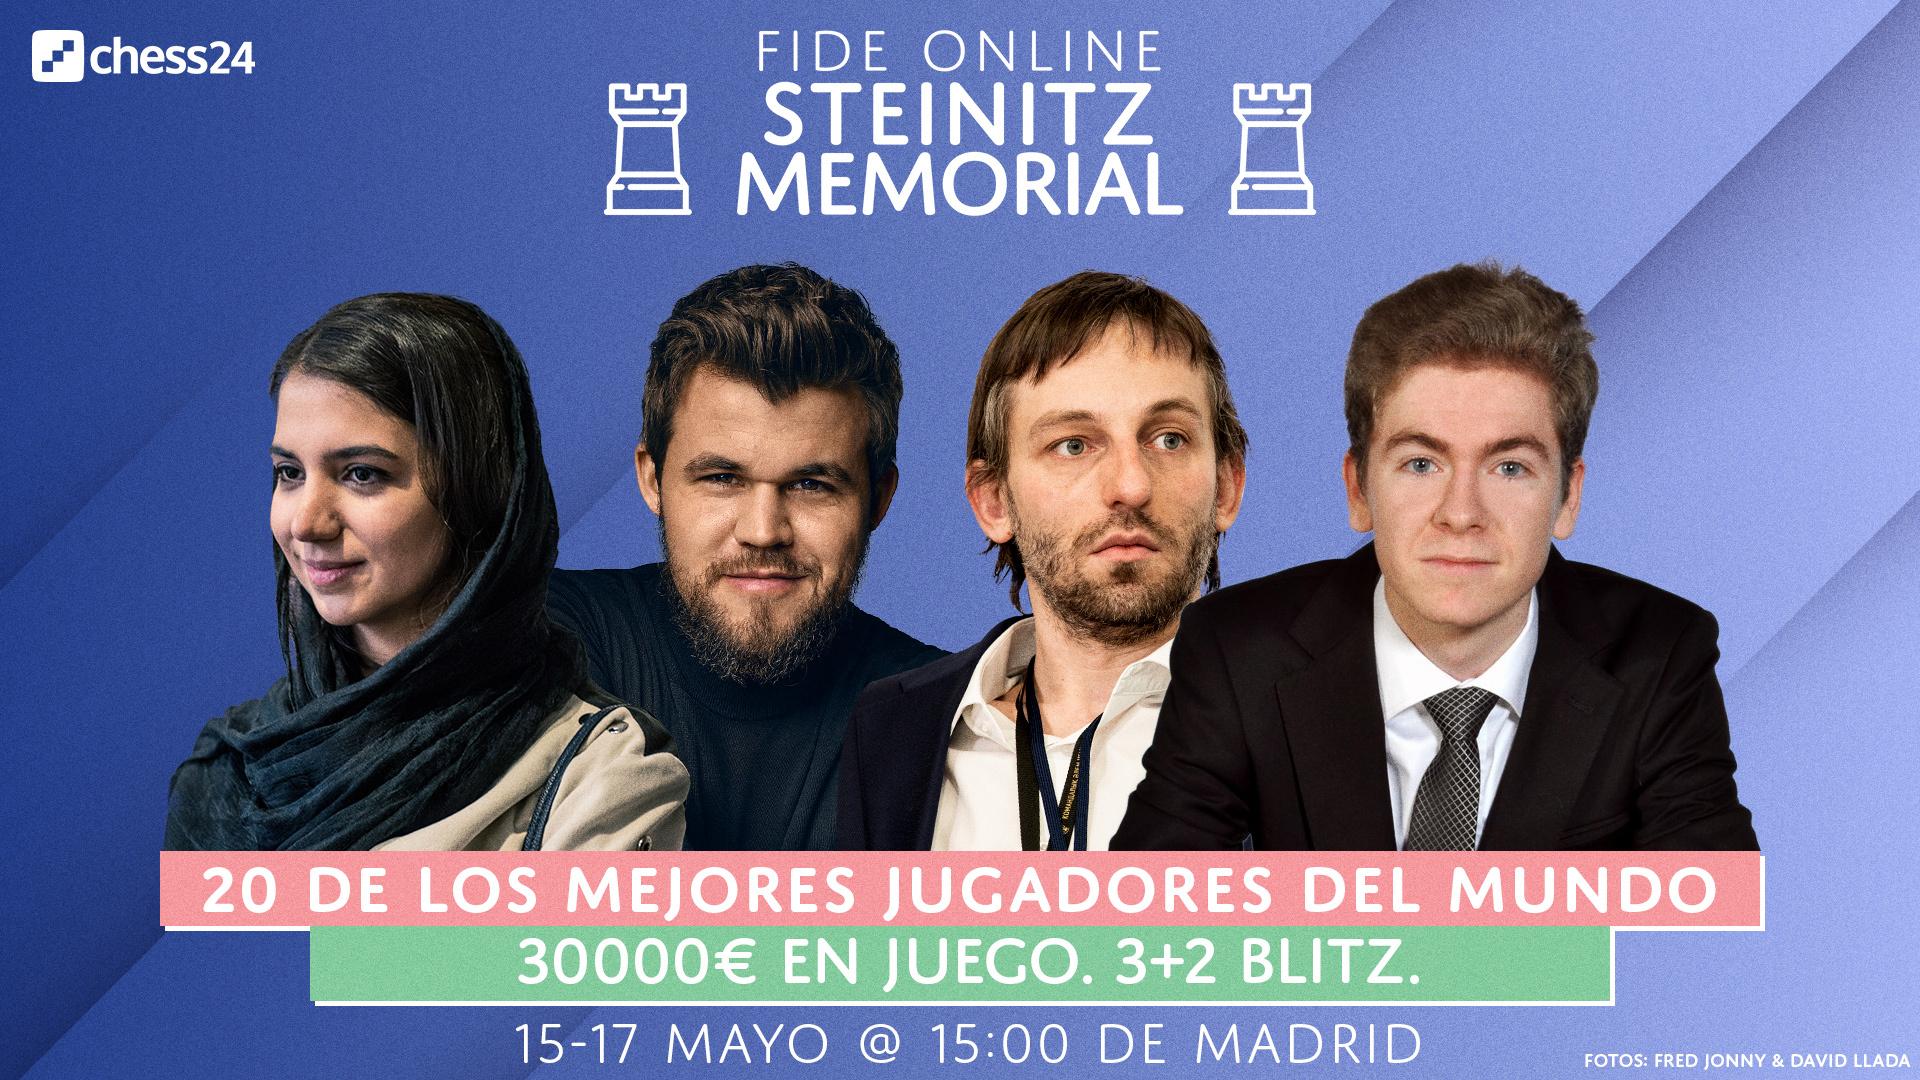 FIDE Memorial Steinitz